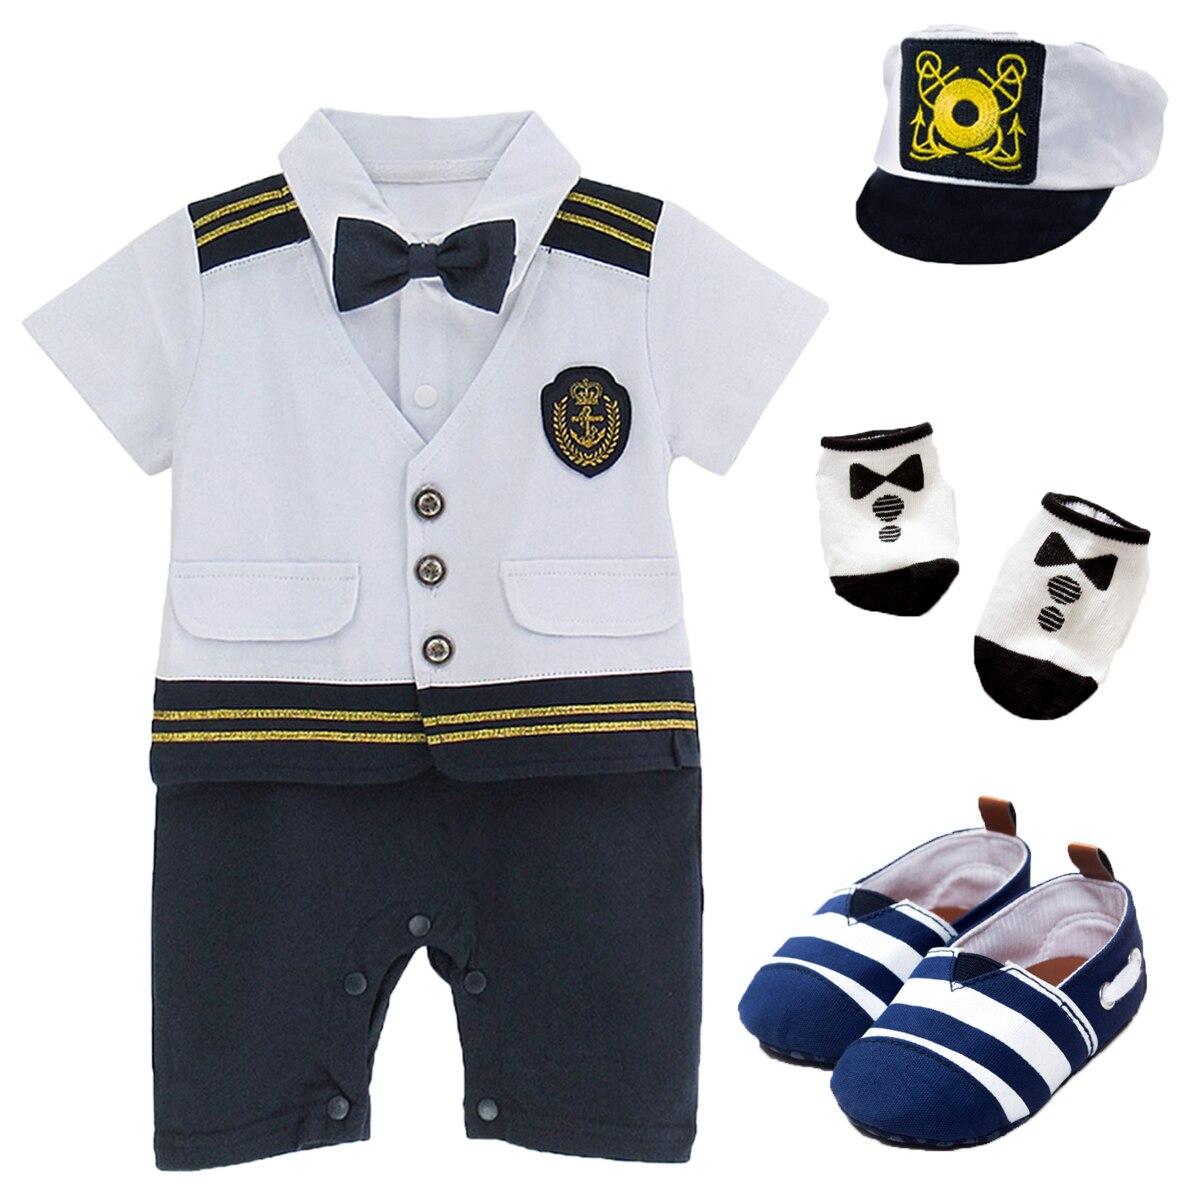 Mono de capitán vestuario ropa infantil para bebés y niños, traje de marinero, traje, sombrero, calcetines, zapatos, 4 Uds.